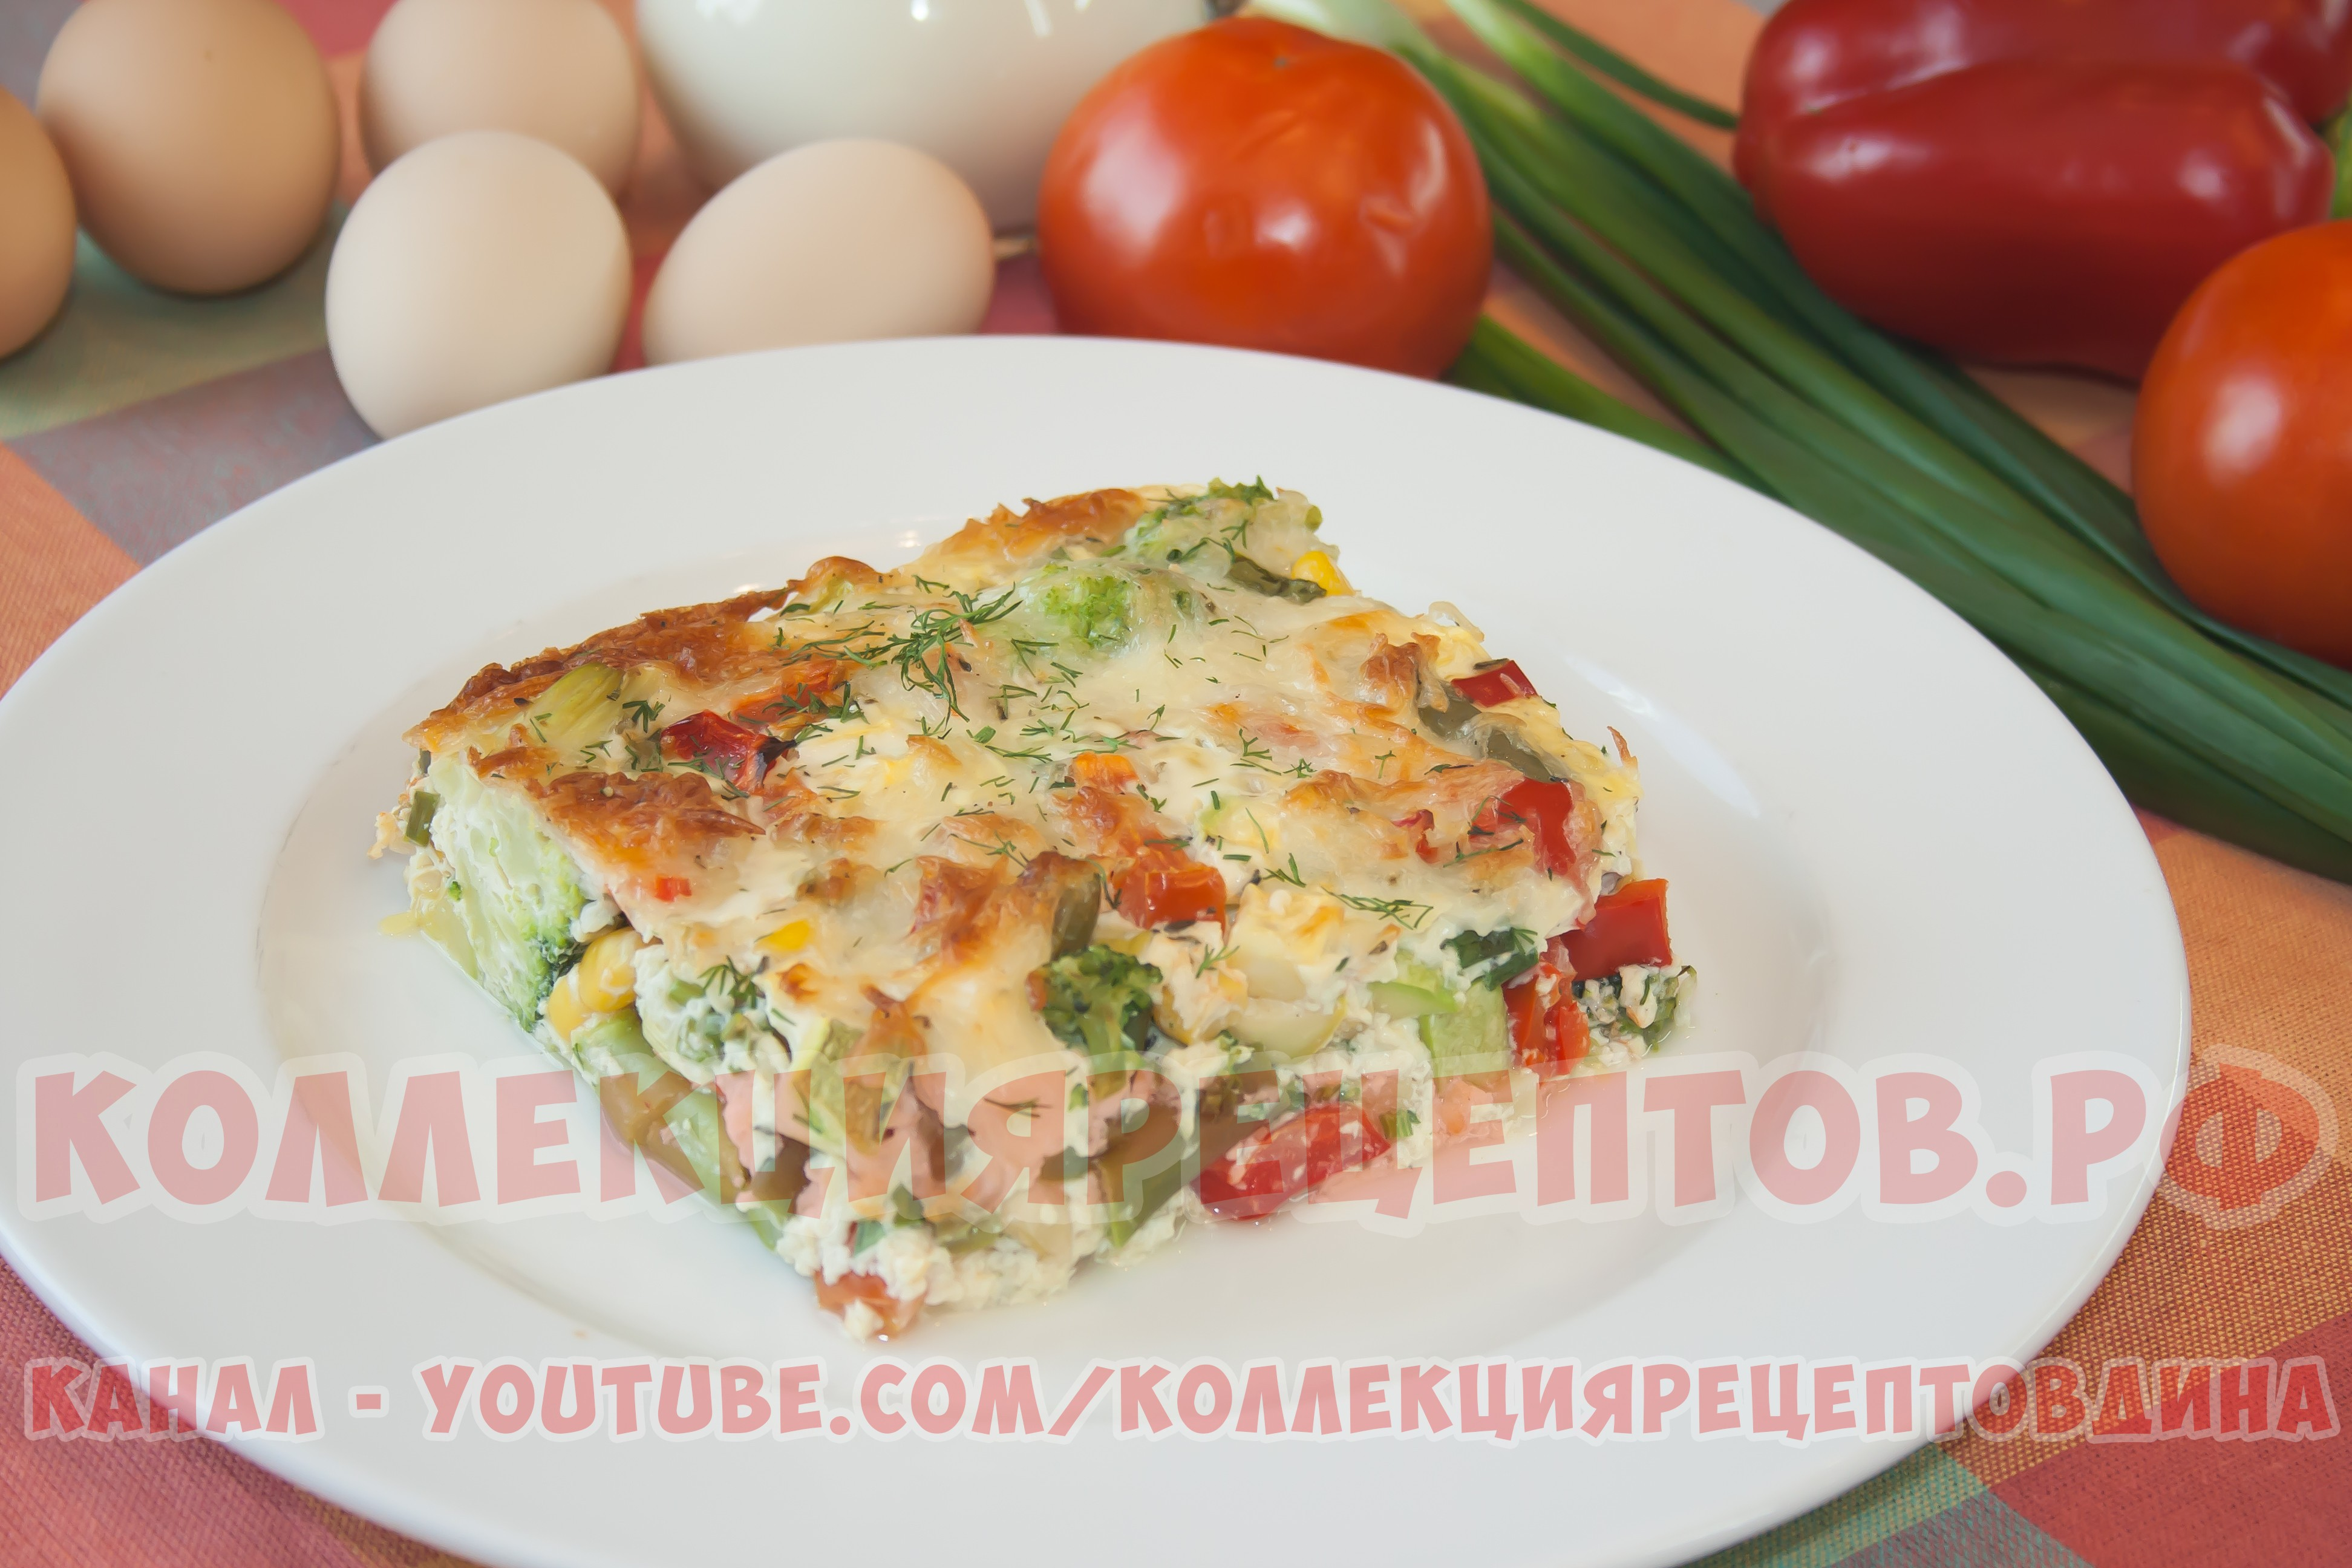 Омлет с овощами и сыром рецепт пошагово